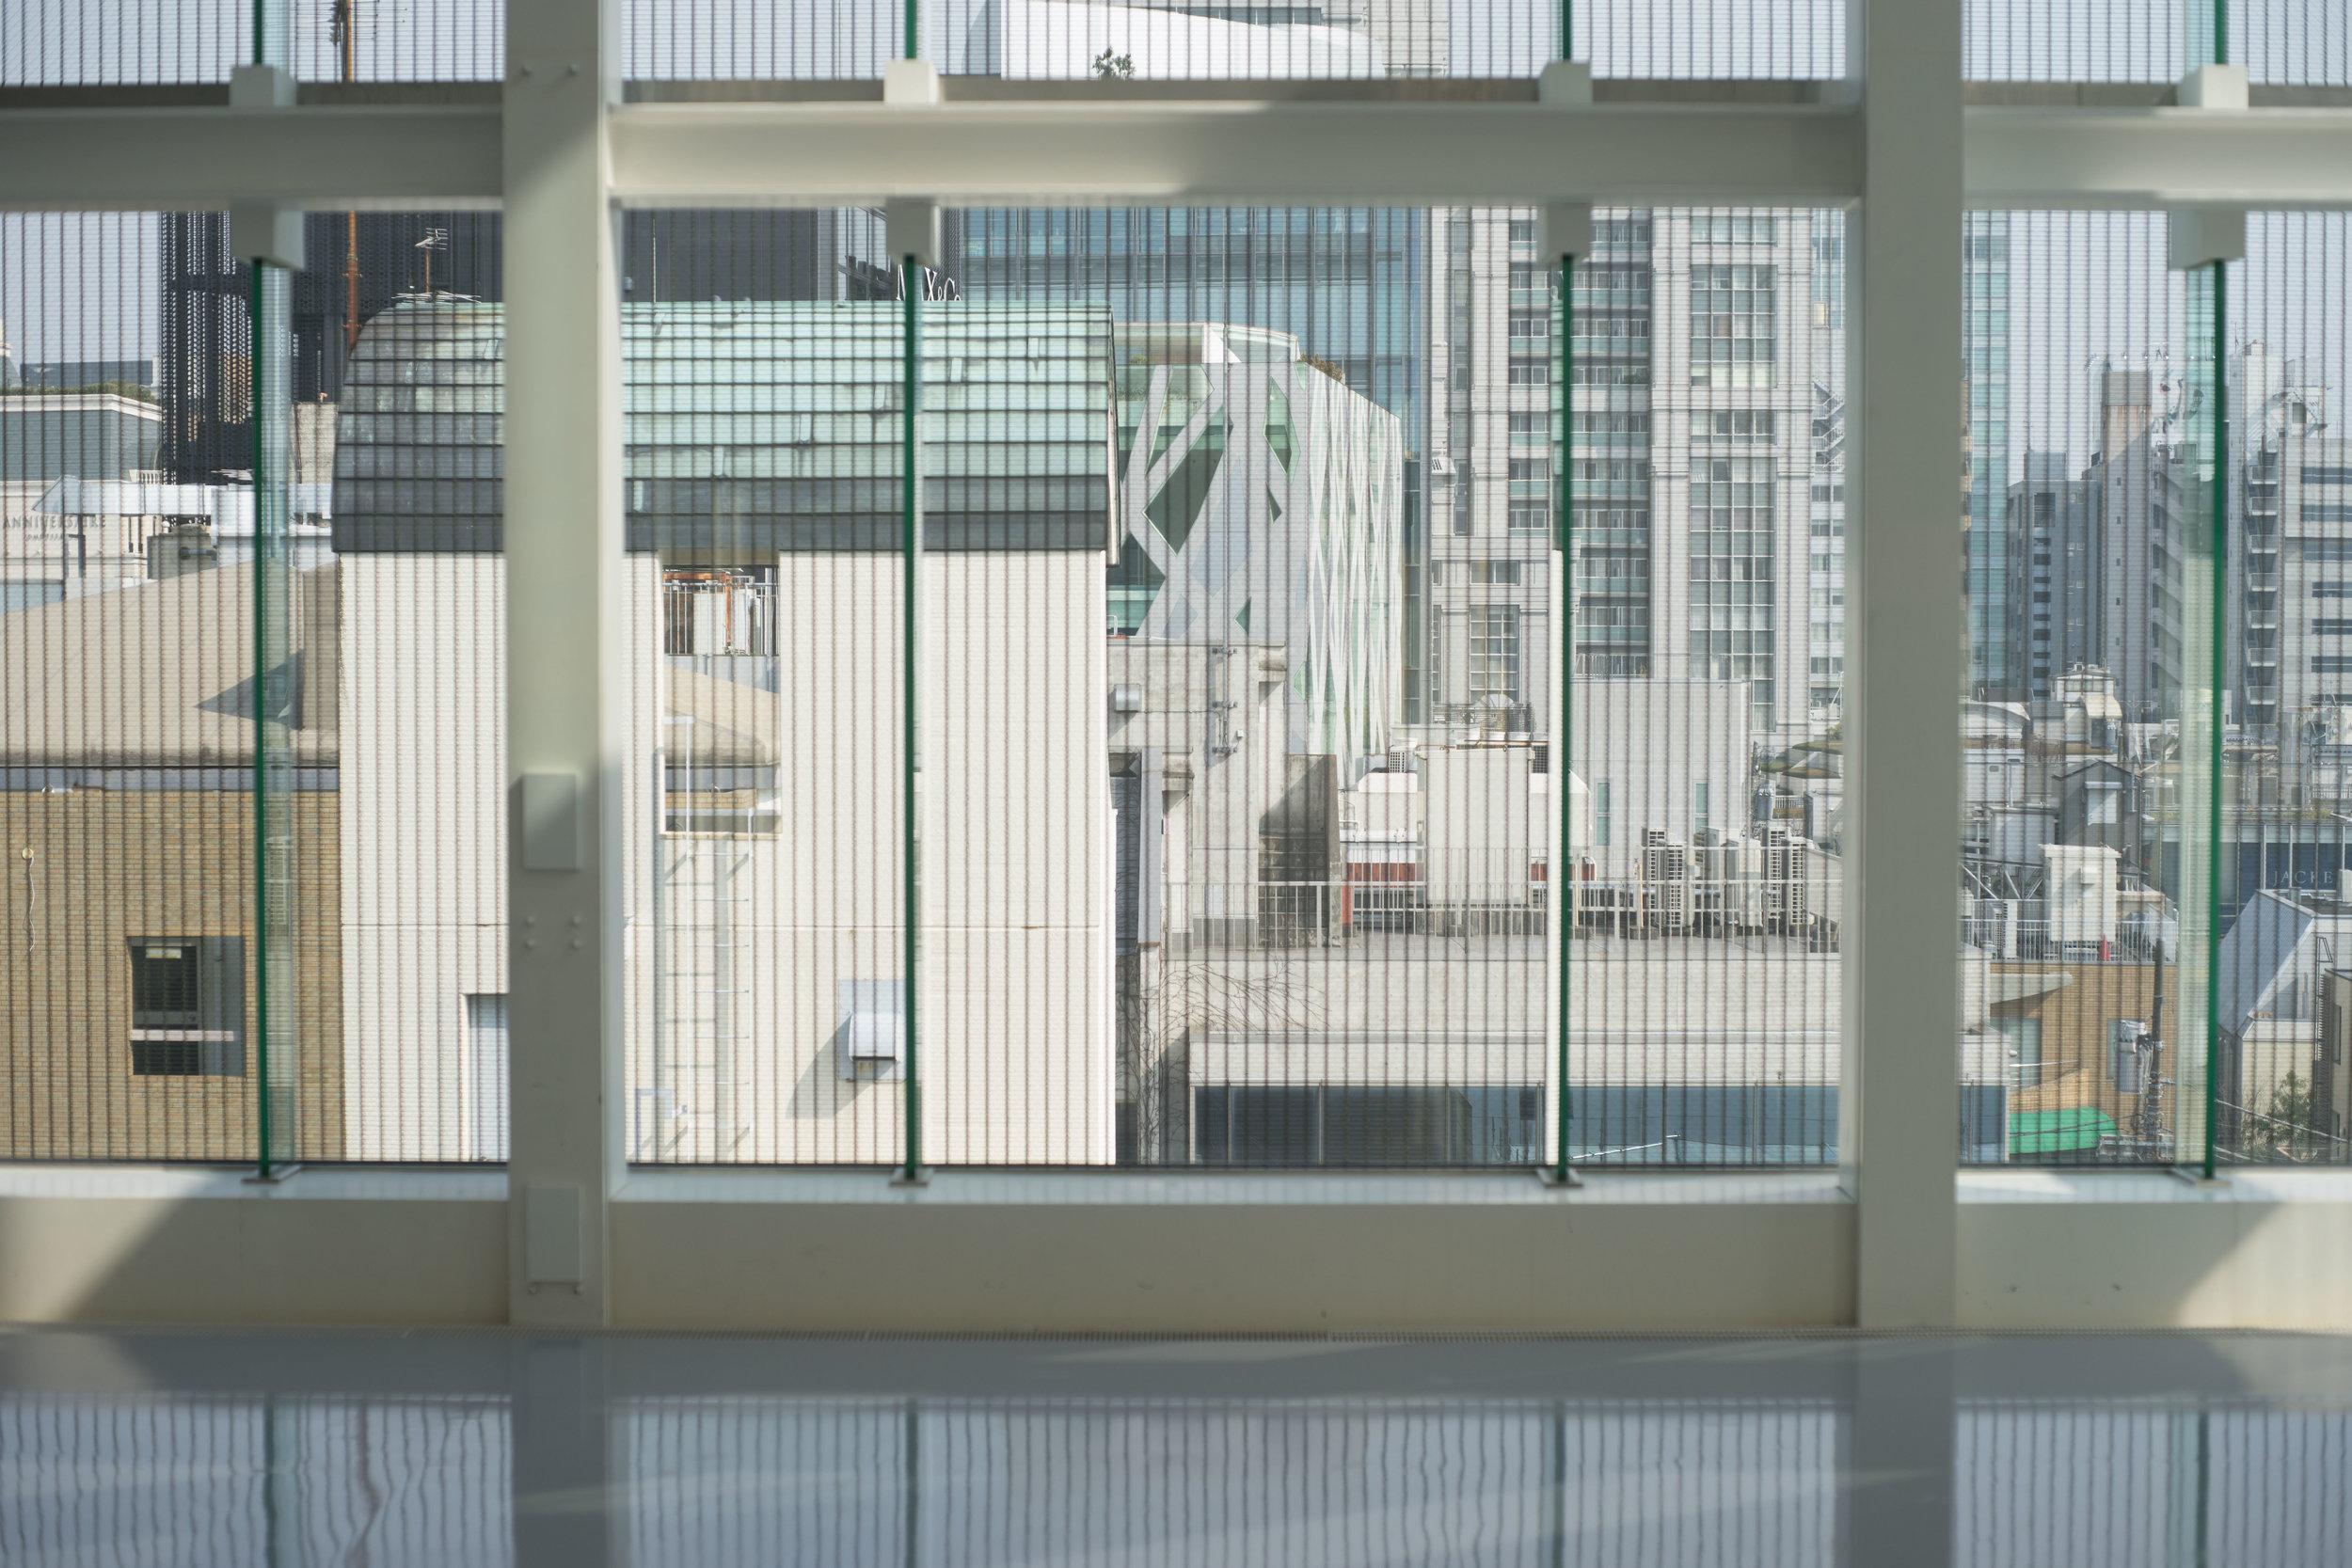 Espace Louis Vuitton Tokyo, local guide